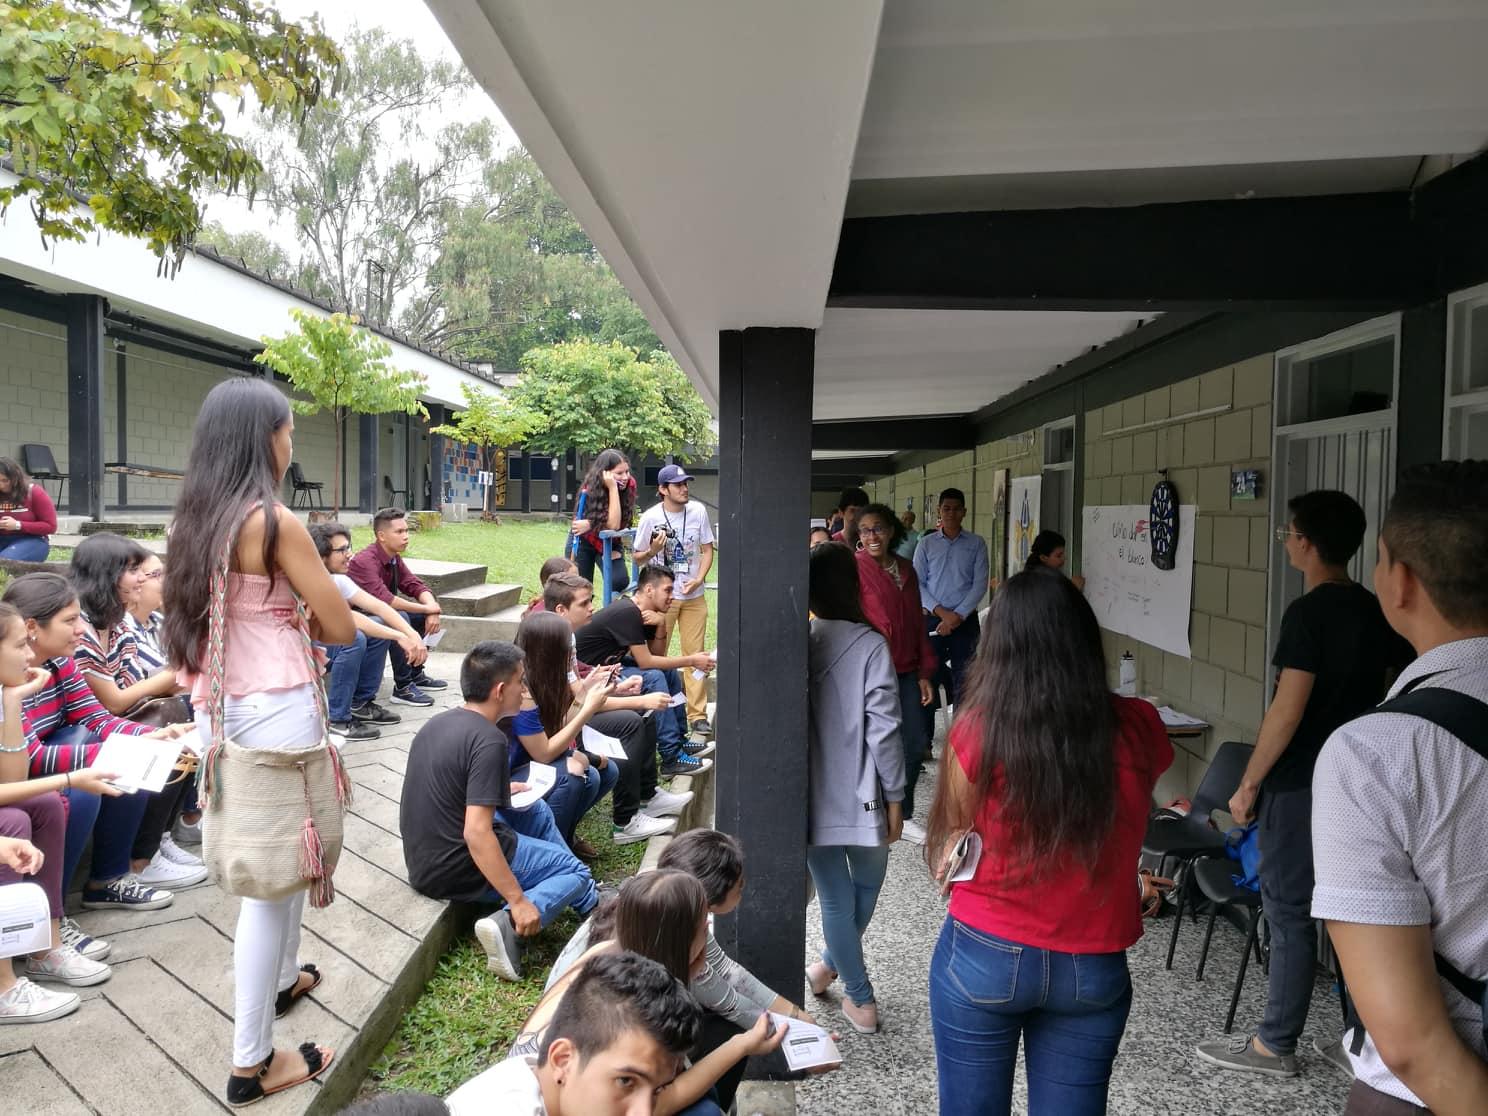 UCU hadde sin egen stand hvor de delte ut info, svarte på spørsmål og hadde leker. Her var det bare å spre det gode budskap så fort som mulig før studentene gikk til neste stand. -